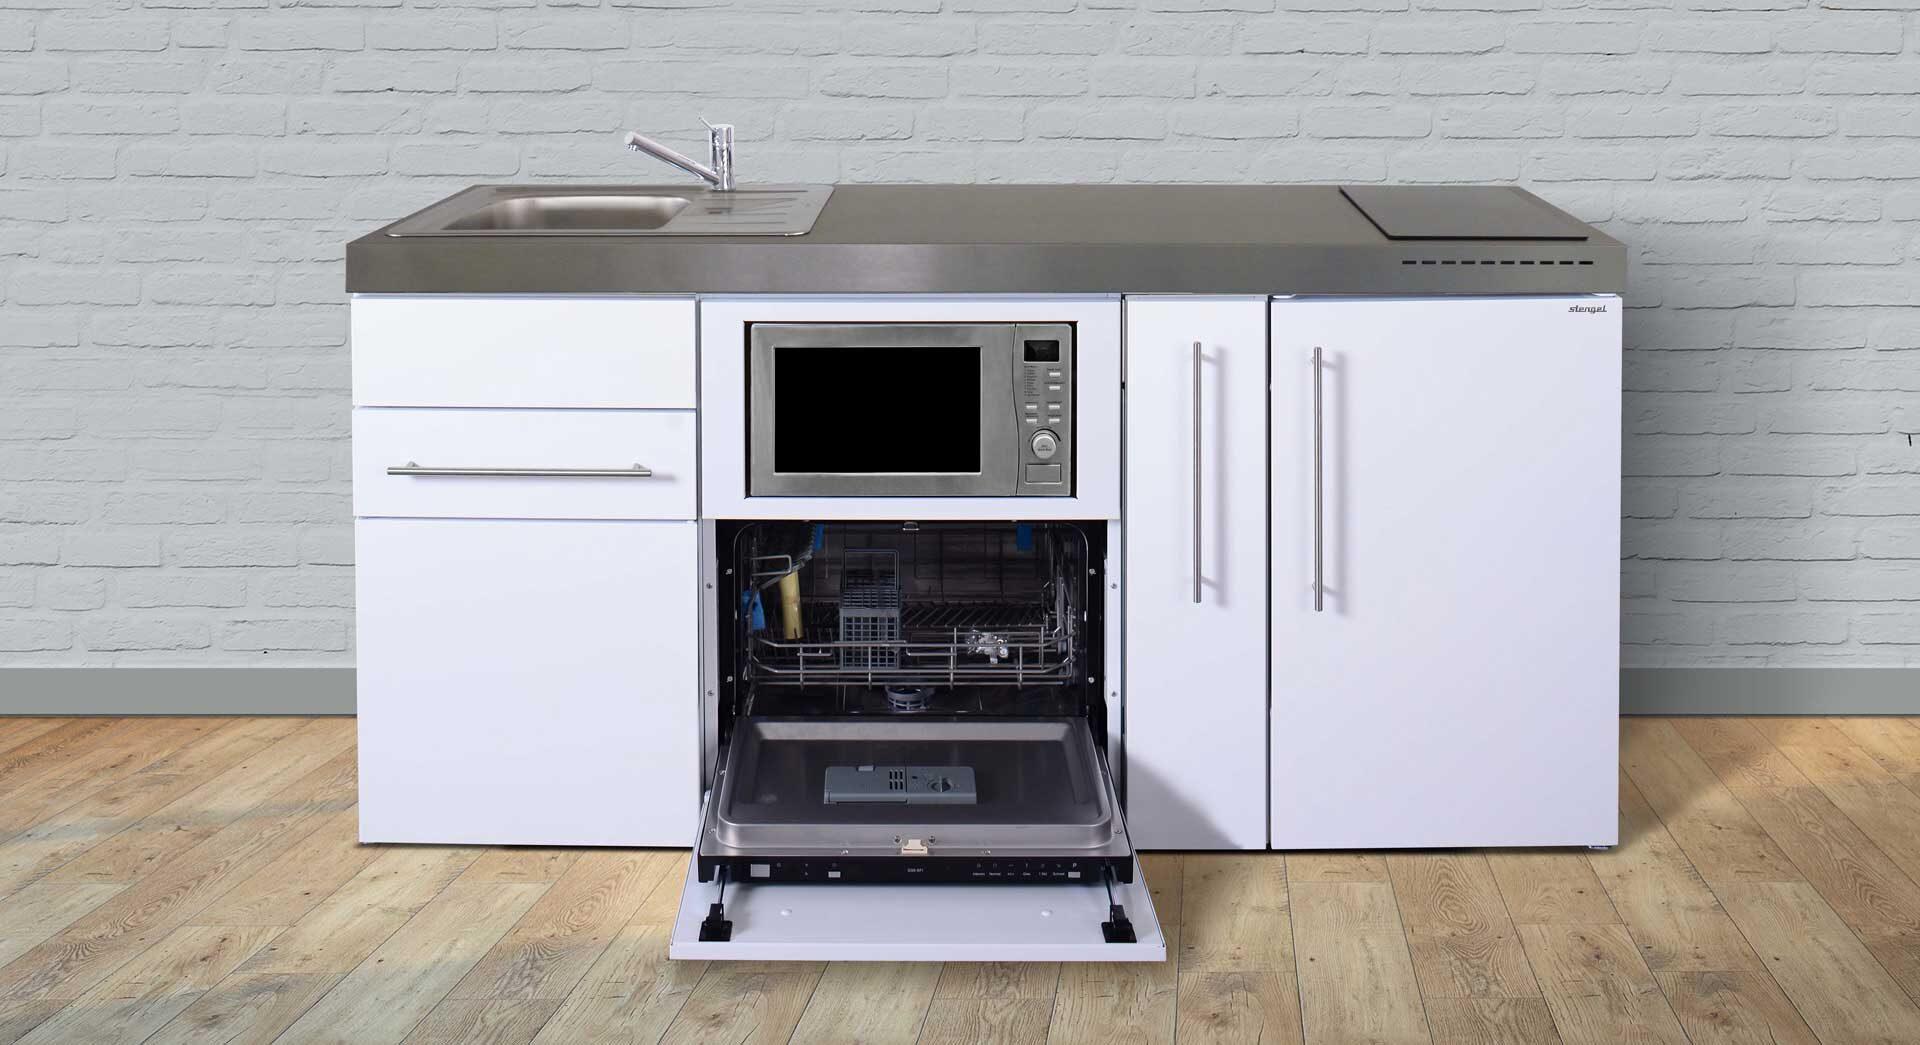 MPGSM 180 A - minikøkken i rustfrit stål - 8 flotte moderne farver. Inkl. køleskab m. fryser, microovn, opvaskemaskine, udtræksskab, induktionskogeplade mm. Kimbrer Lines i Farsø